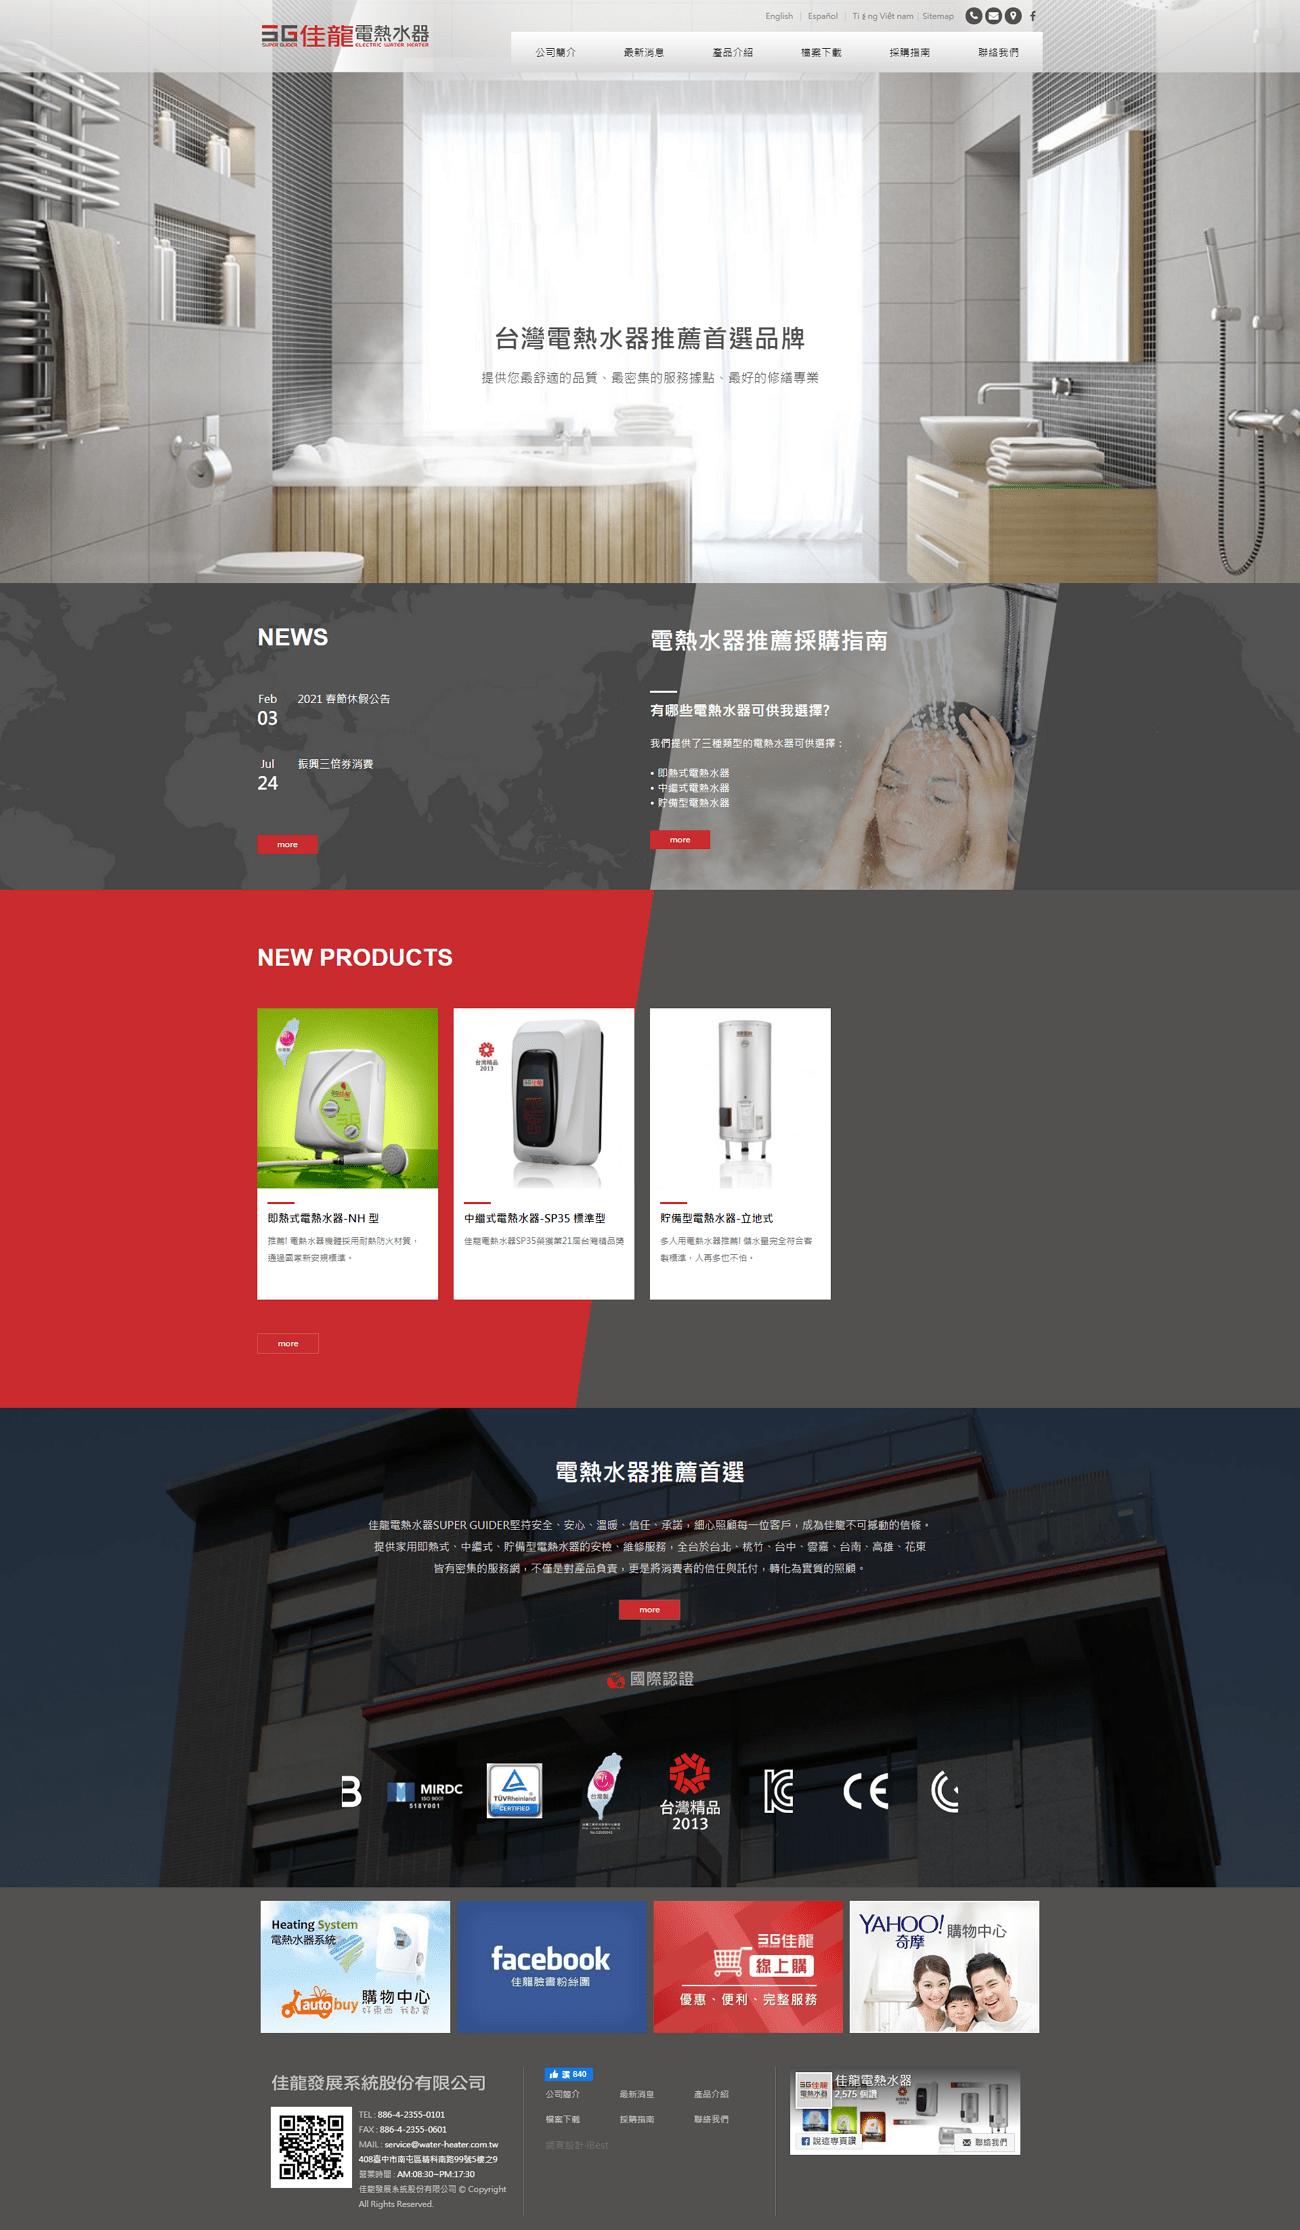 佳龍發展系統-網頁設計